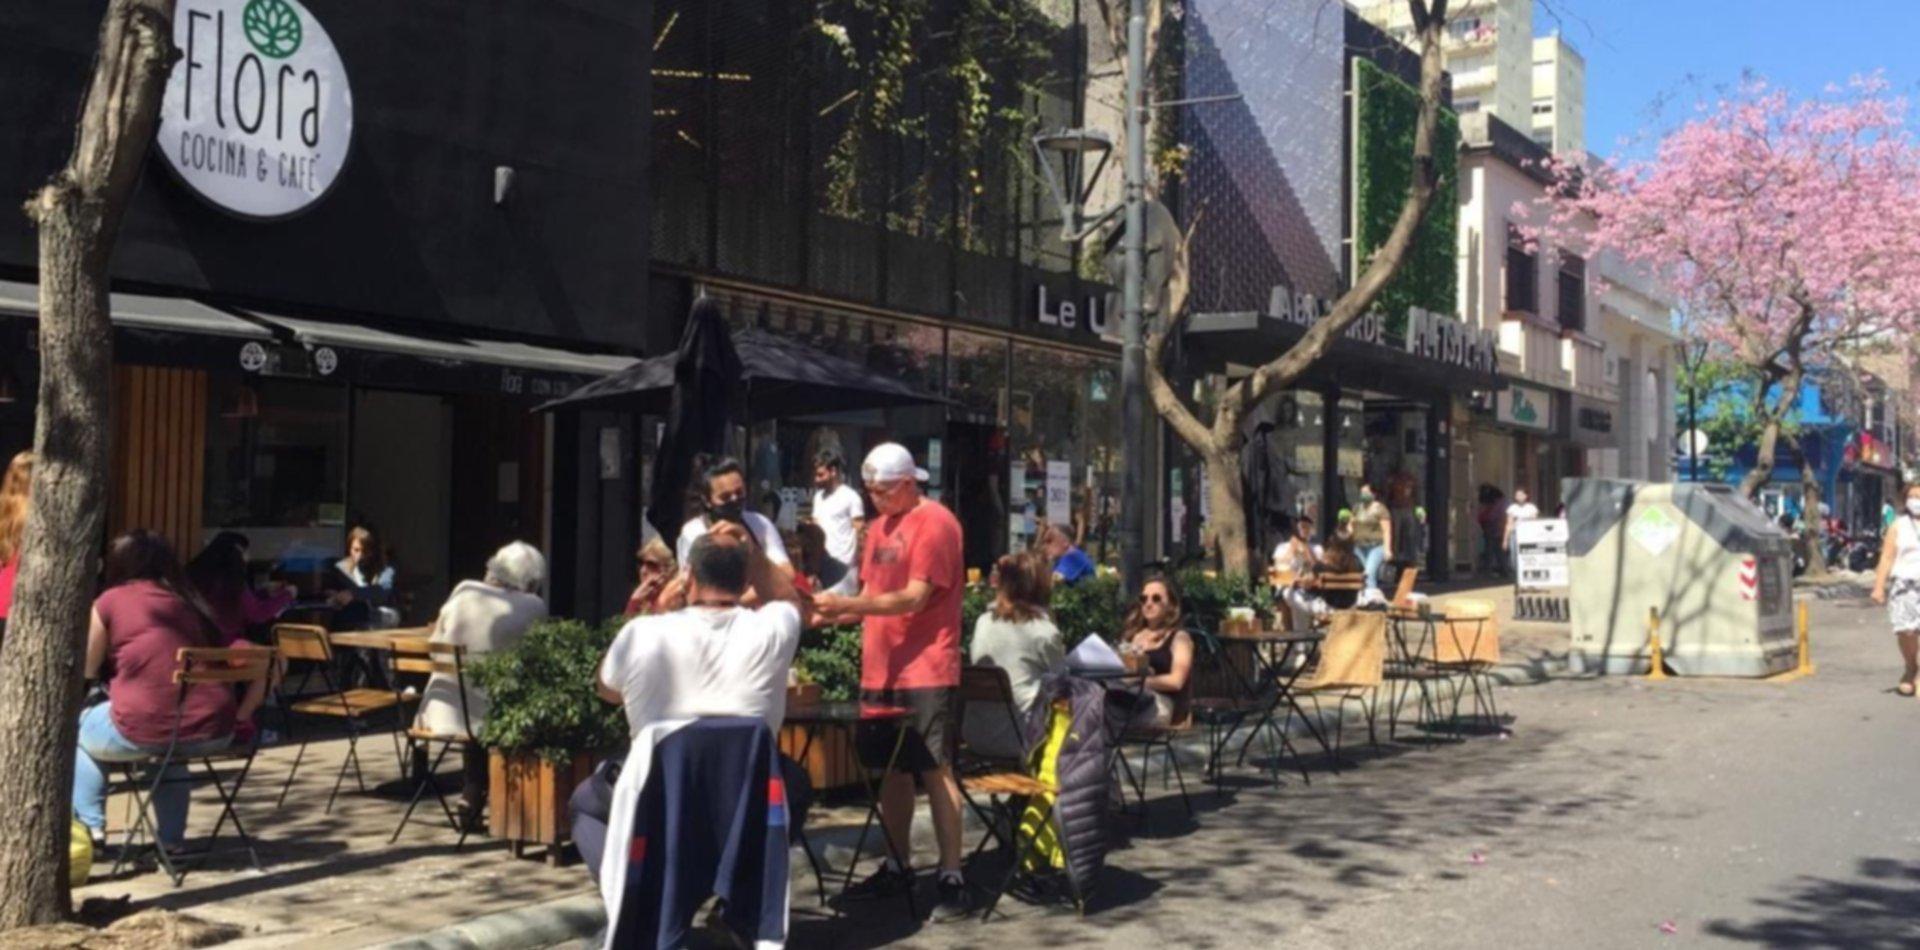 Bares y restaurantes de La Plata ya empezaron a atender en la calle